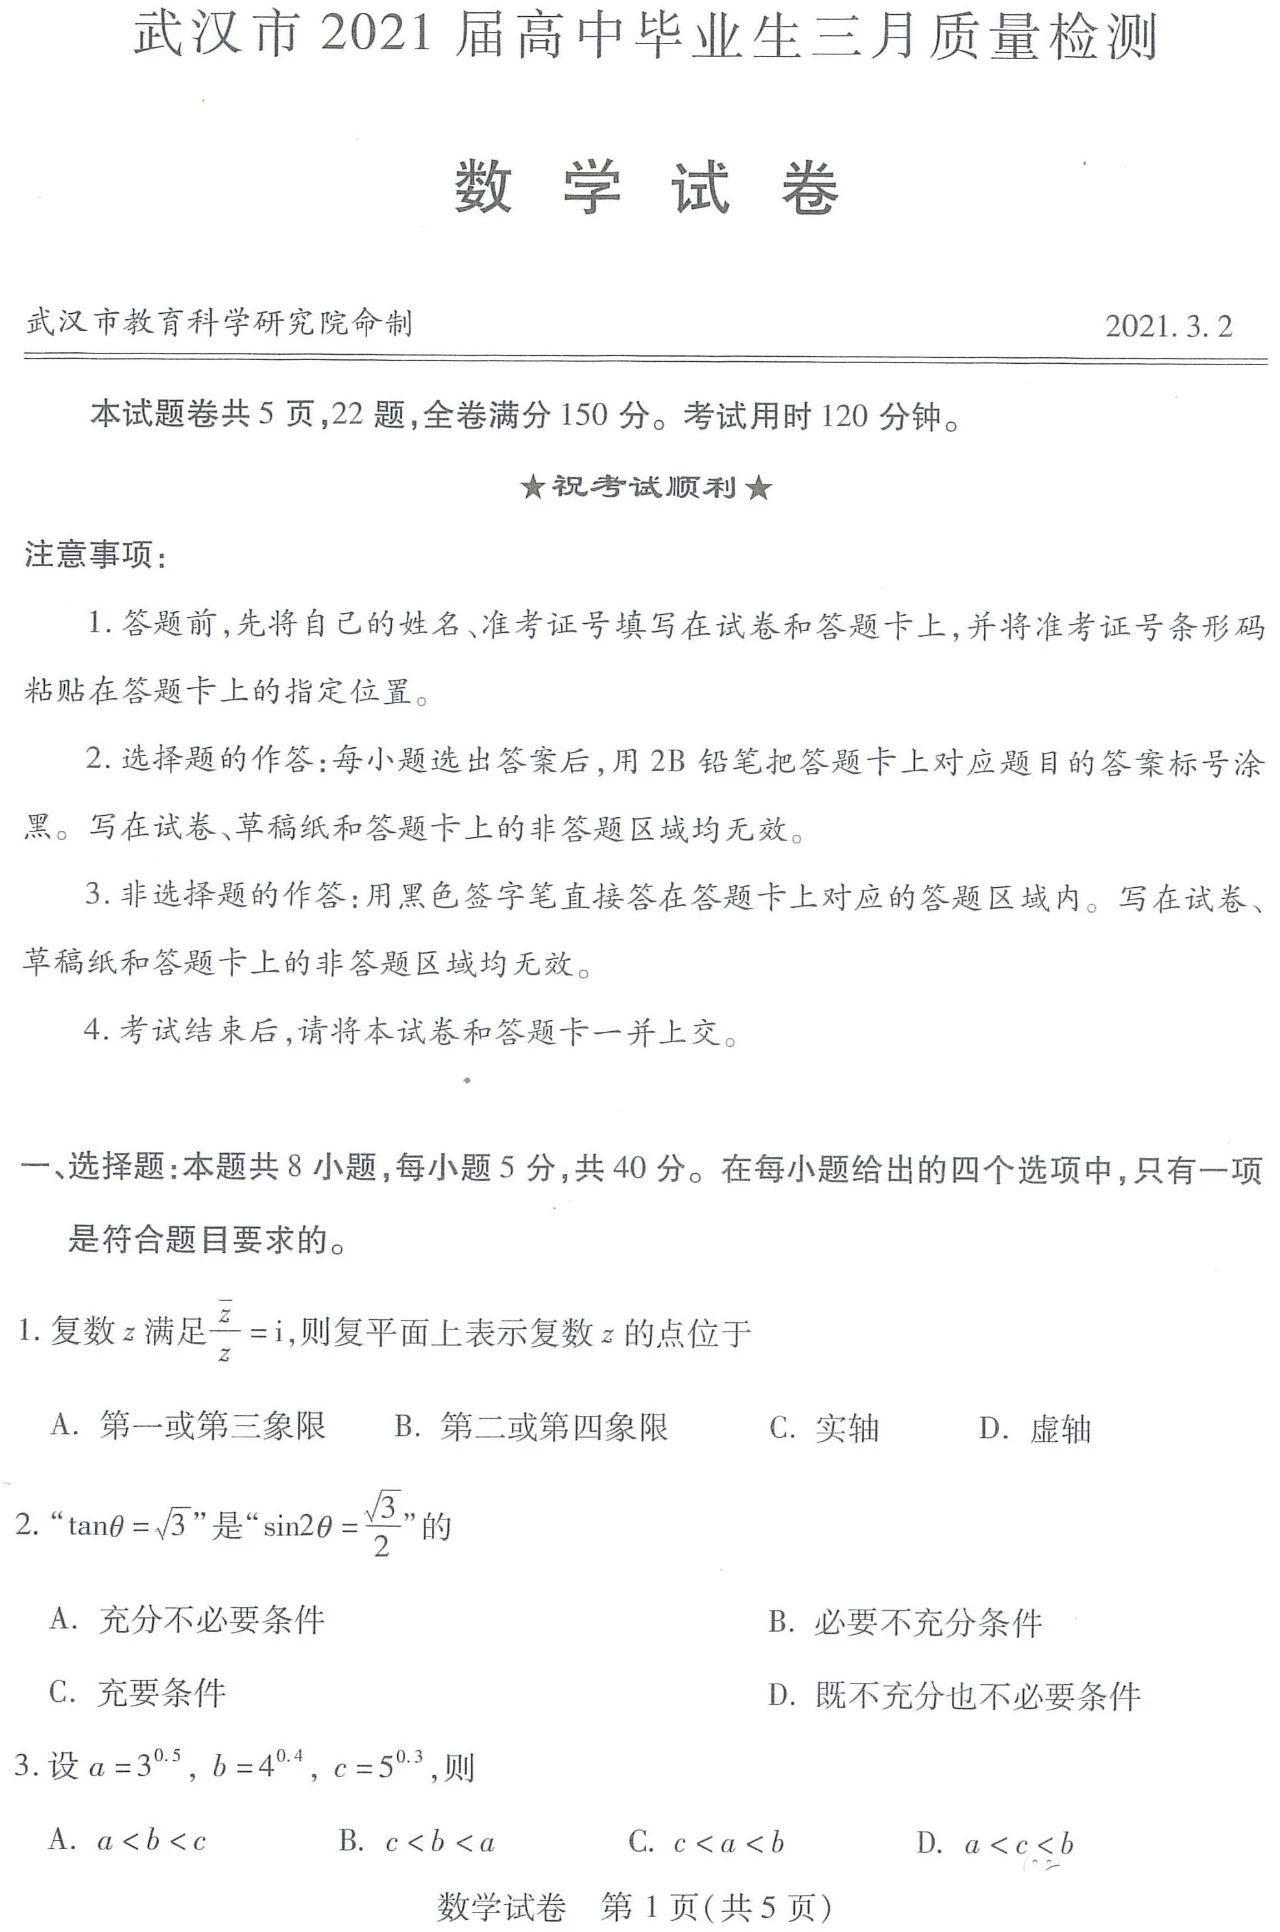 湖北省武汉市2020-2021学年高三下学期3月质量检测数学试卷及答案图1